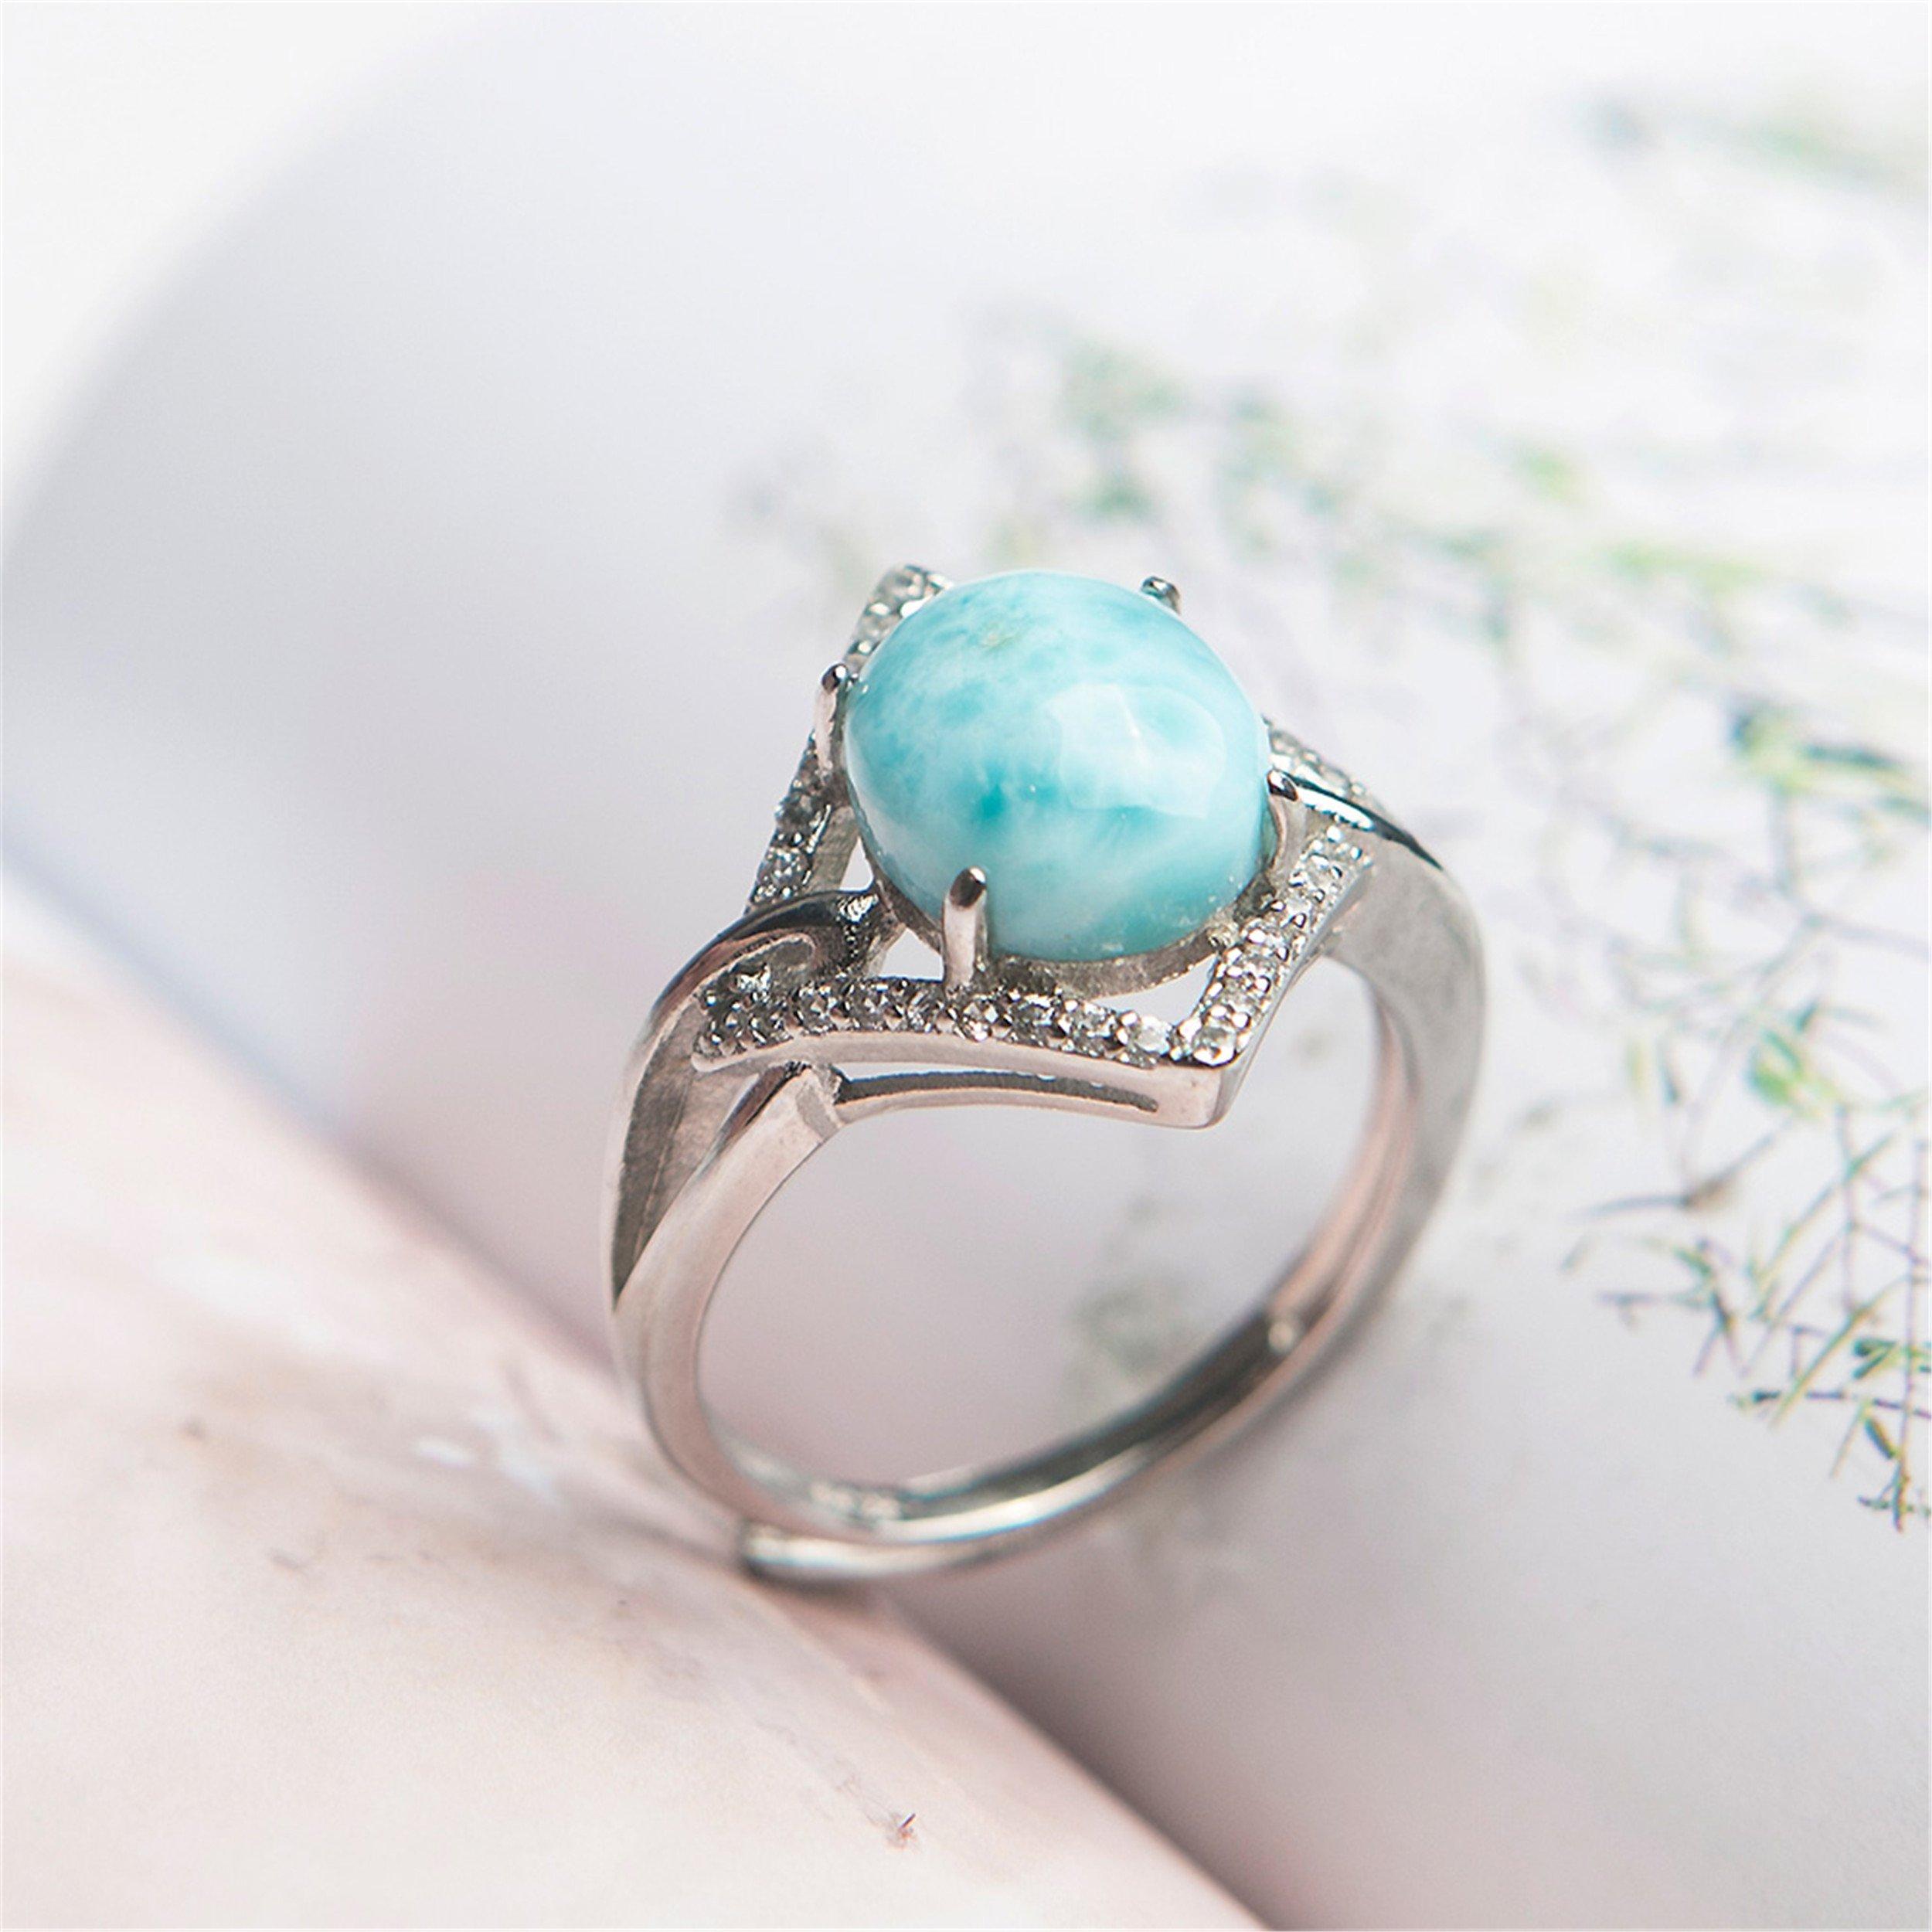 LiZiFang Natural Blue Larimar Gemstone Fashion Silver Party Wedding Woman Rings by LiZiFang (Image #2)